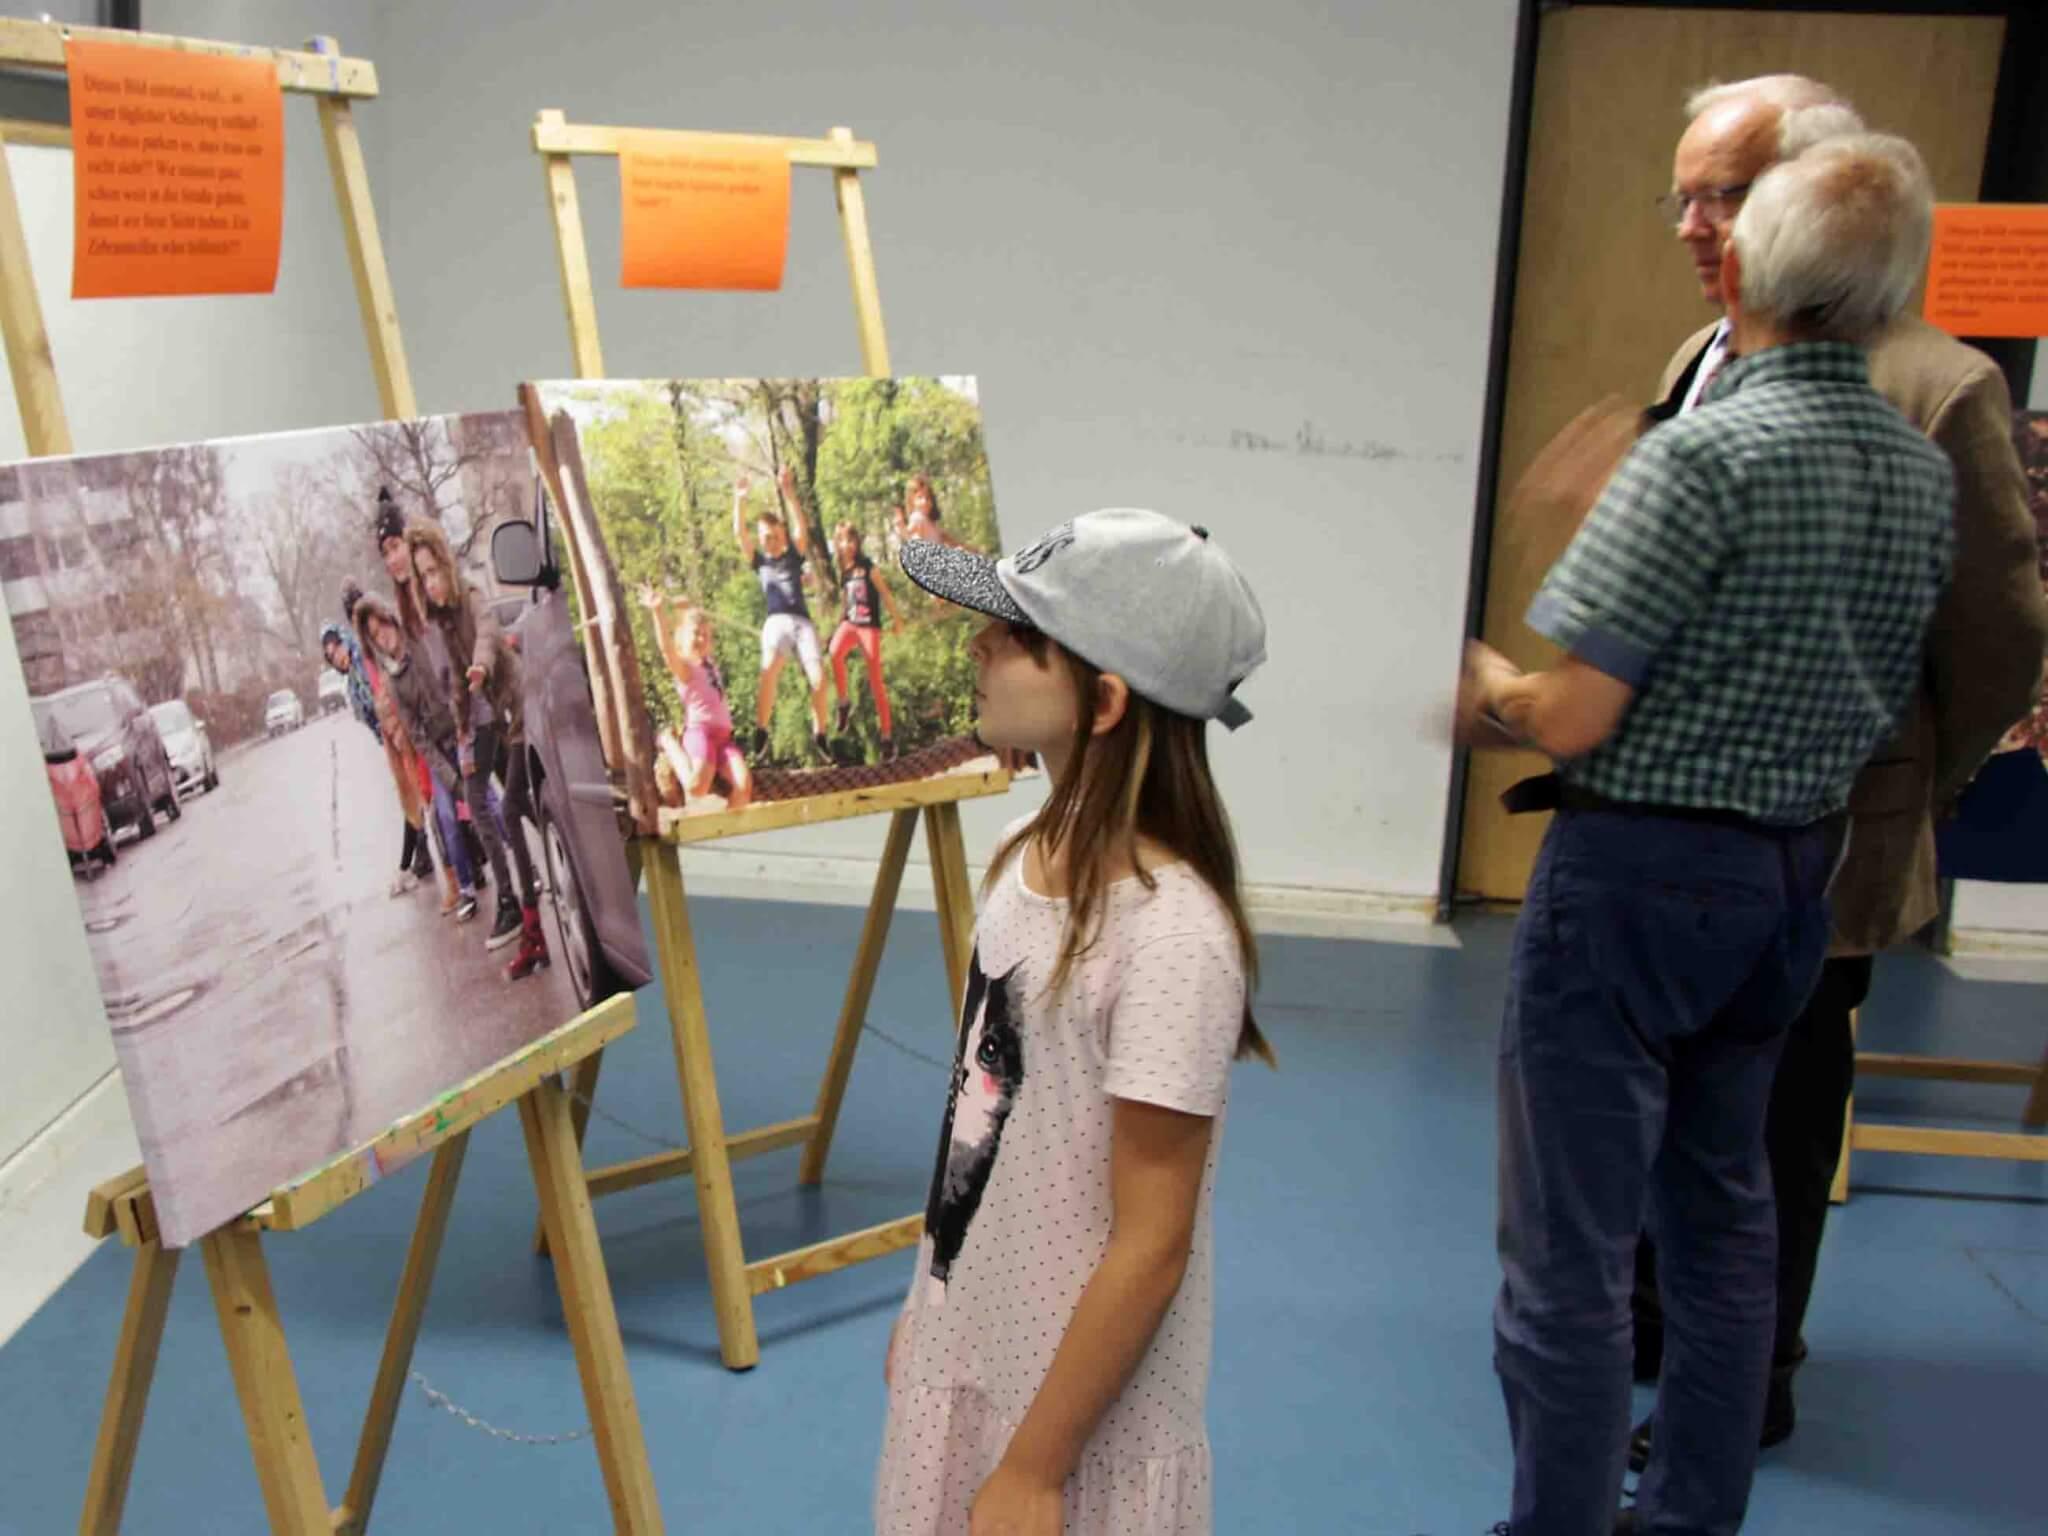 Eine der jungen Künstlerinnen sieht sich die Ausstellung an.